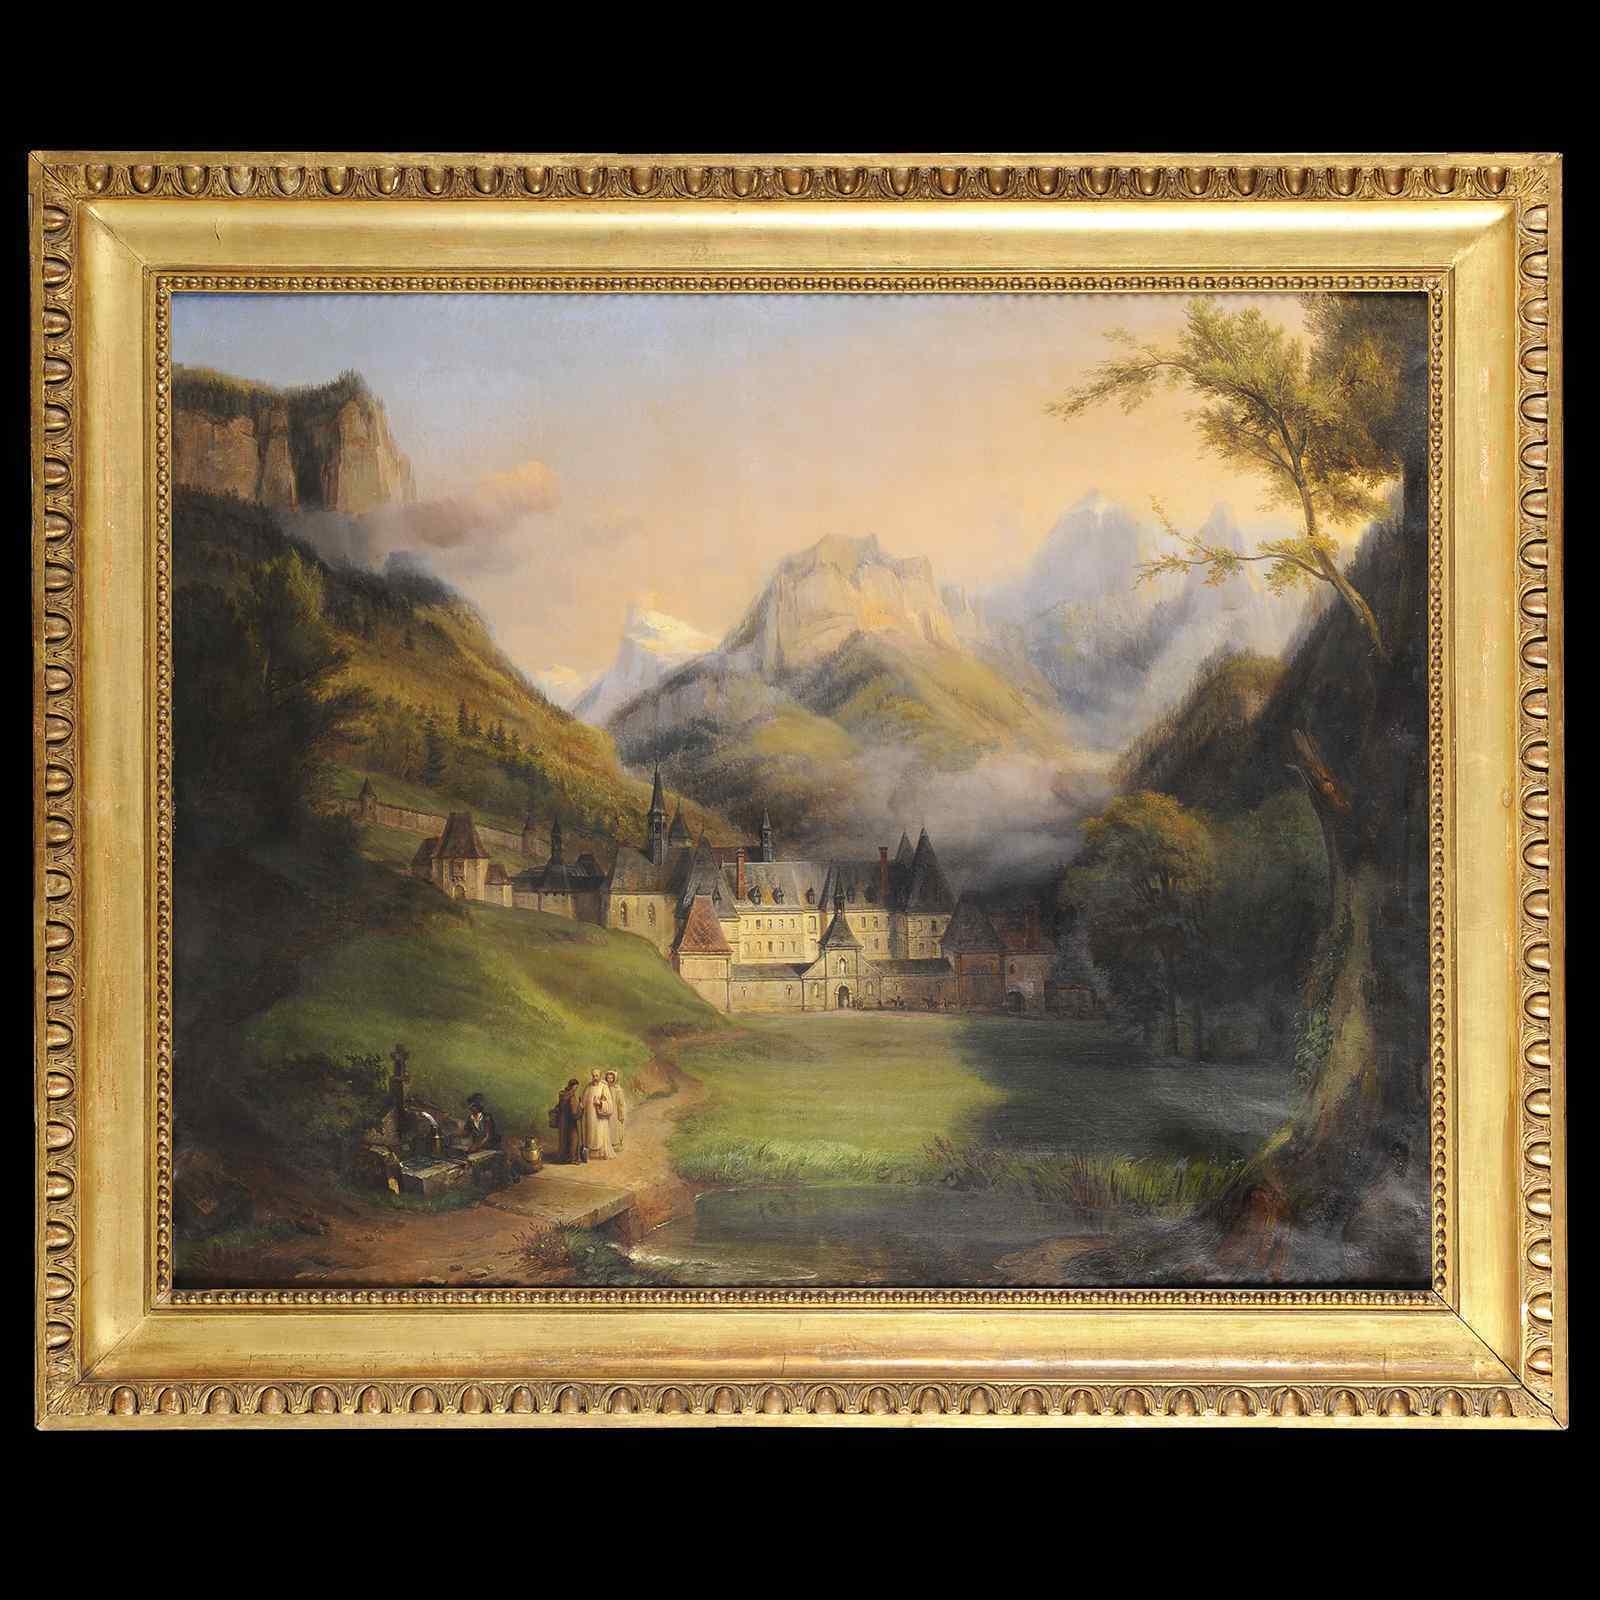 Большой формат - FE Ricois (1795-1881) - La Grande Шартрез